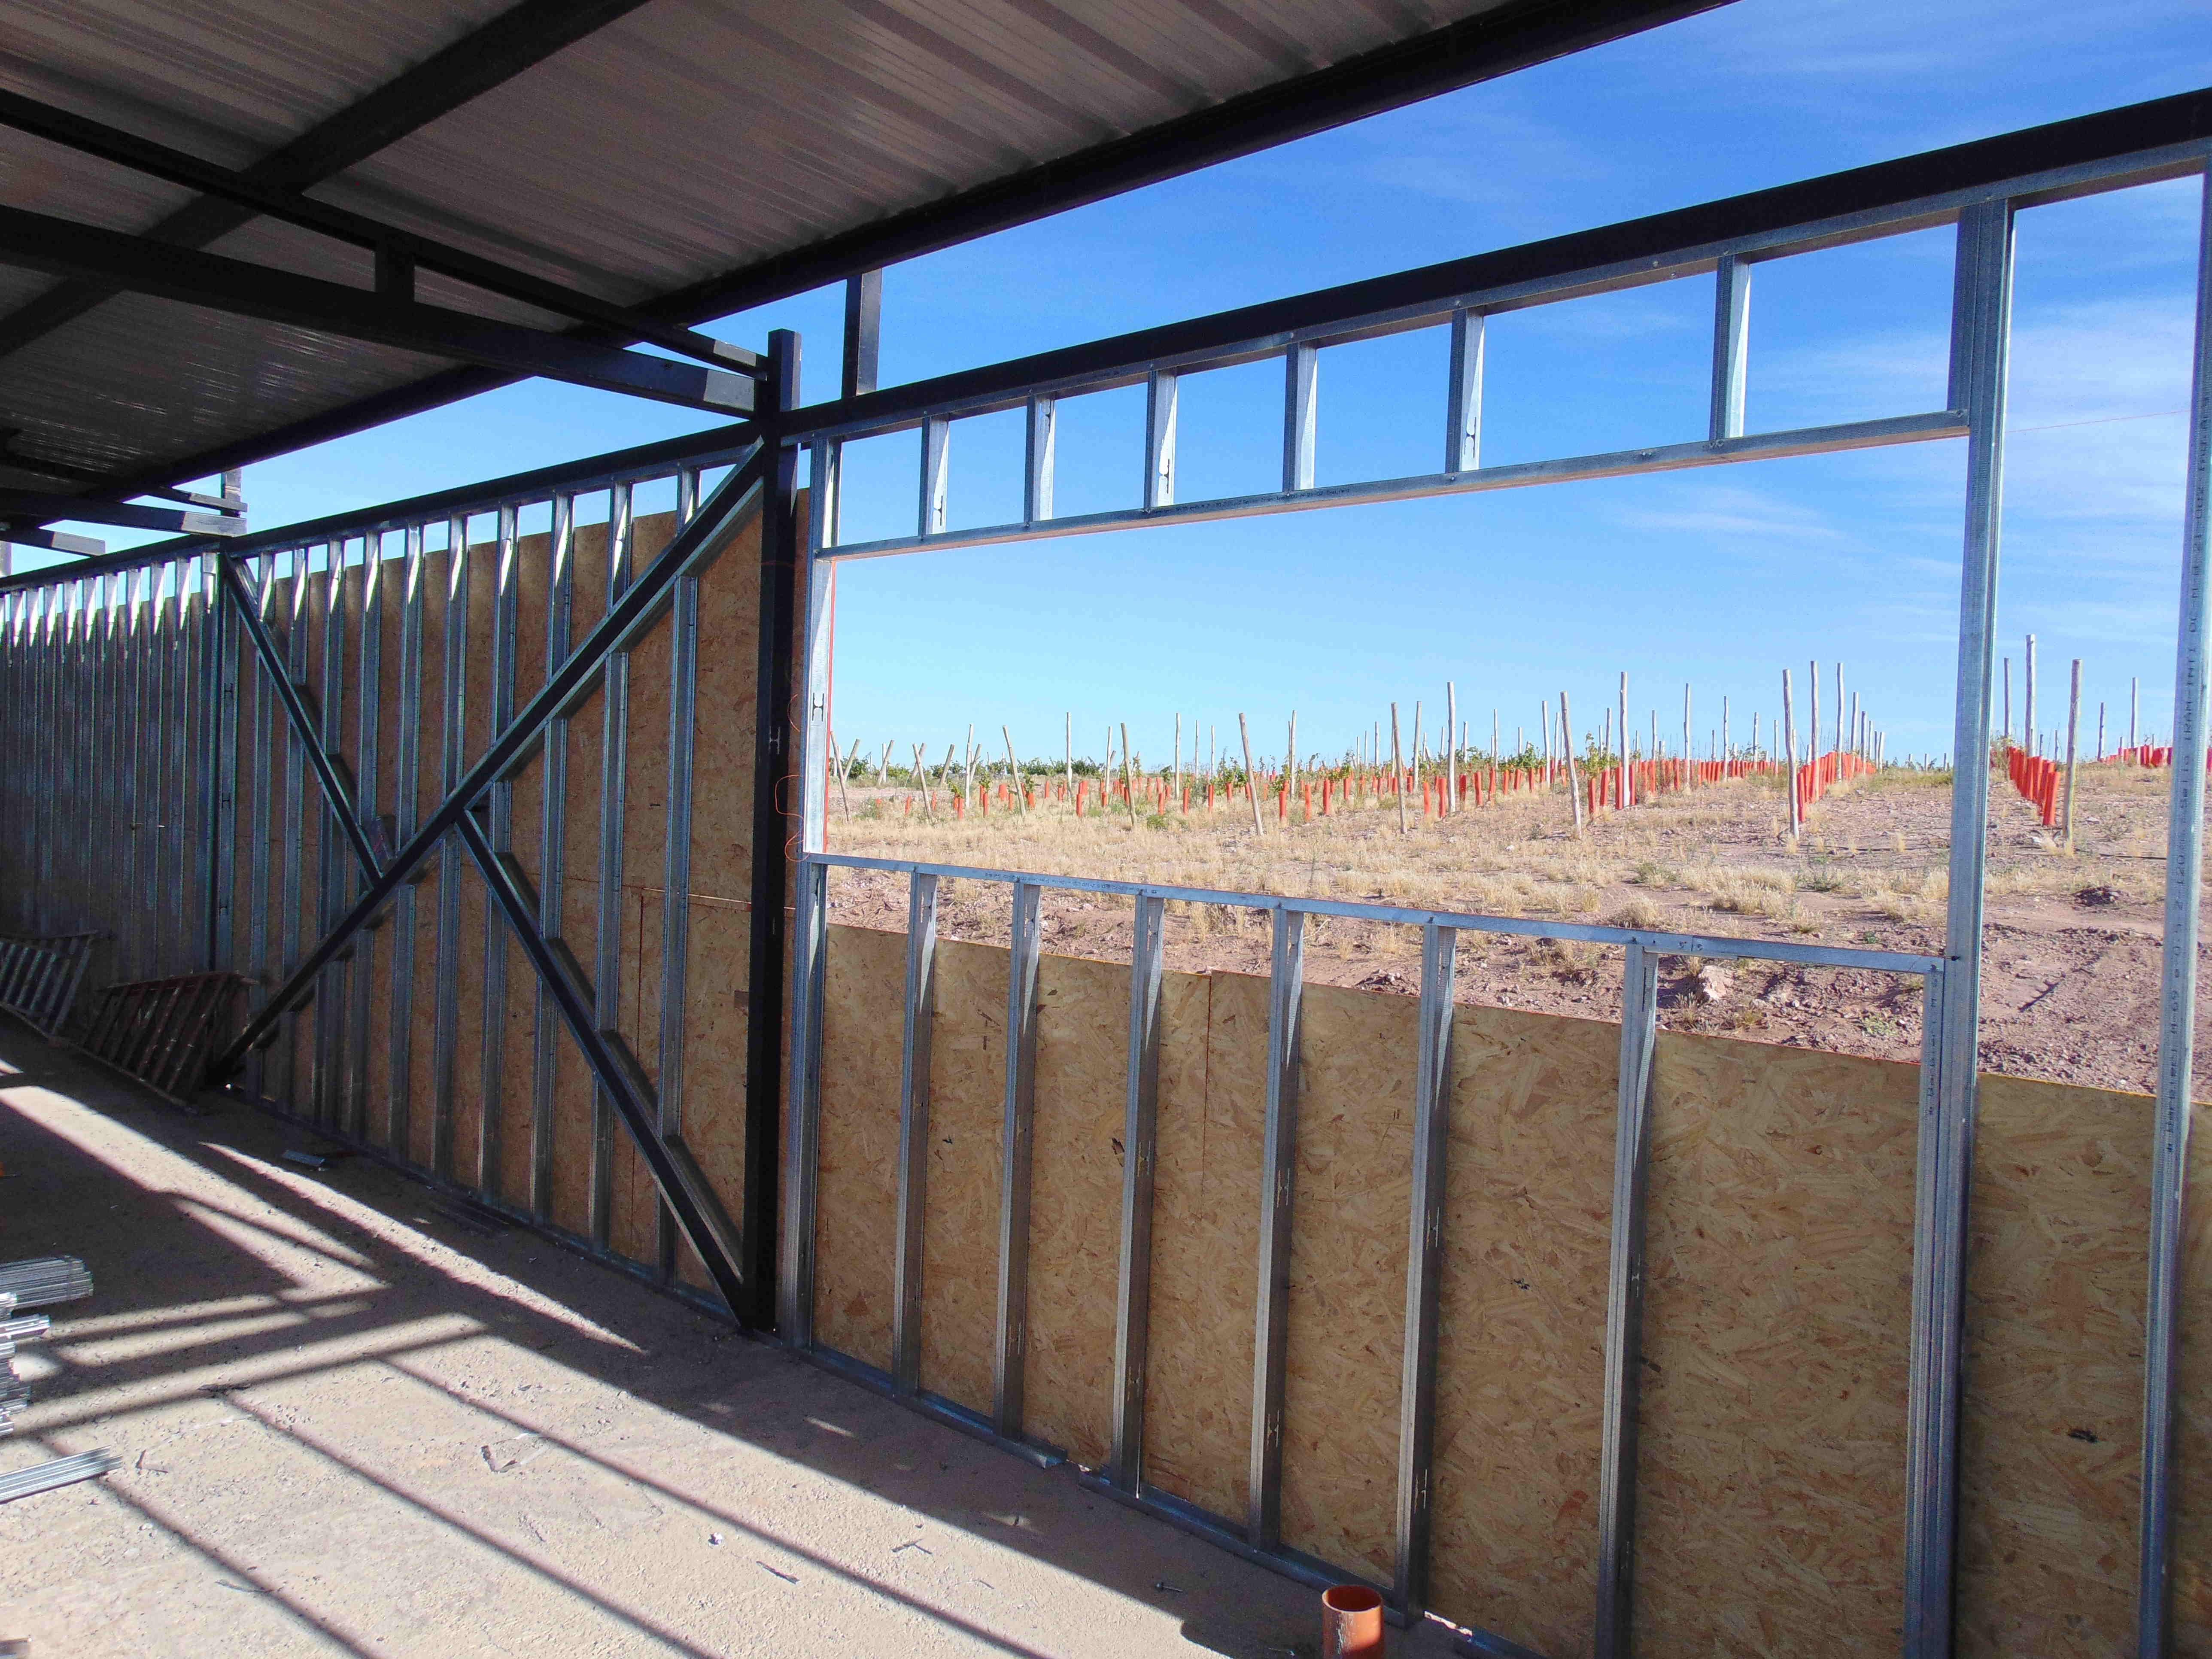 Construcción en Seco - Foro • Ver Tema - Casas con hierro ...